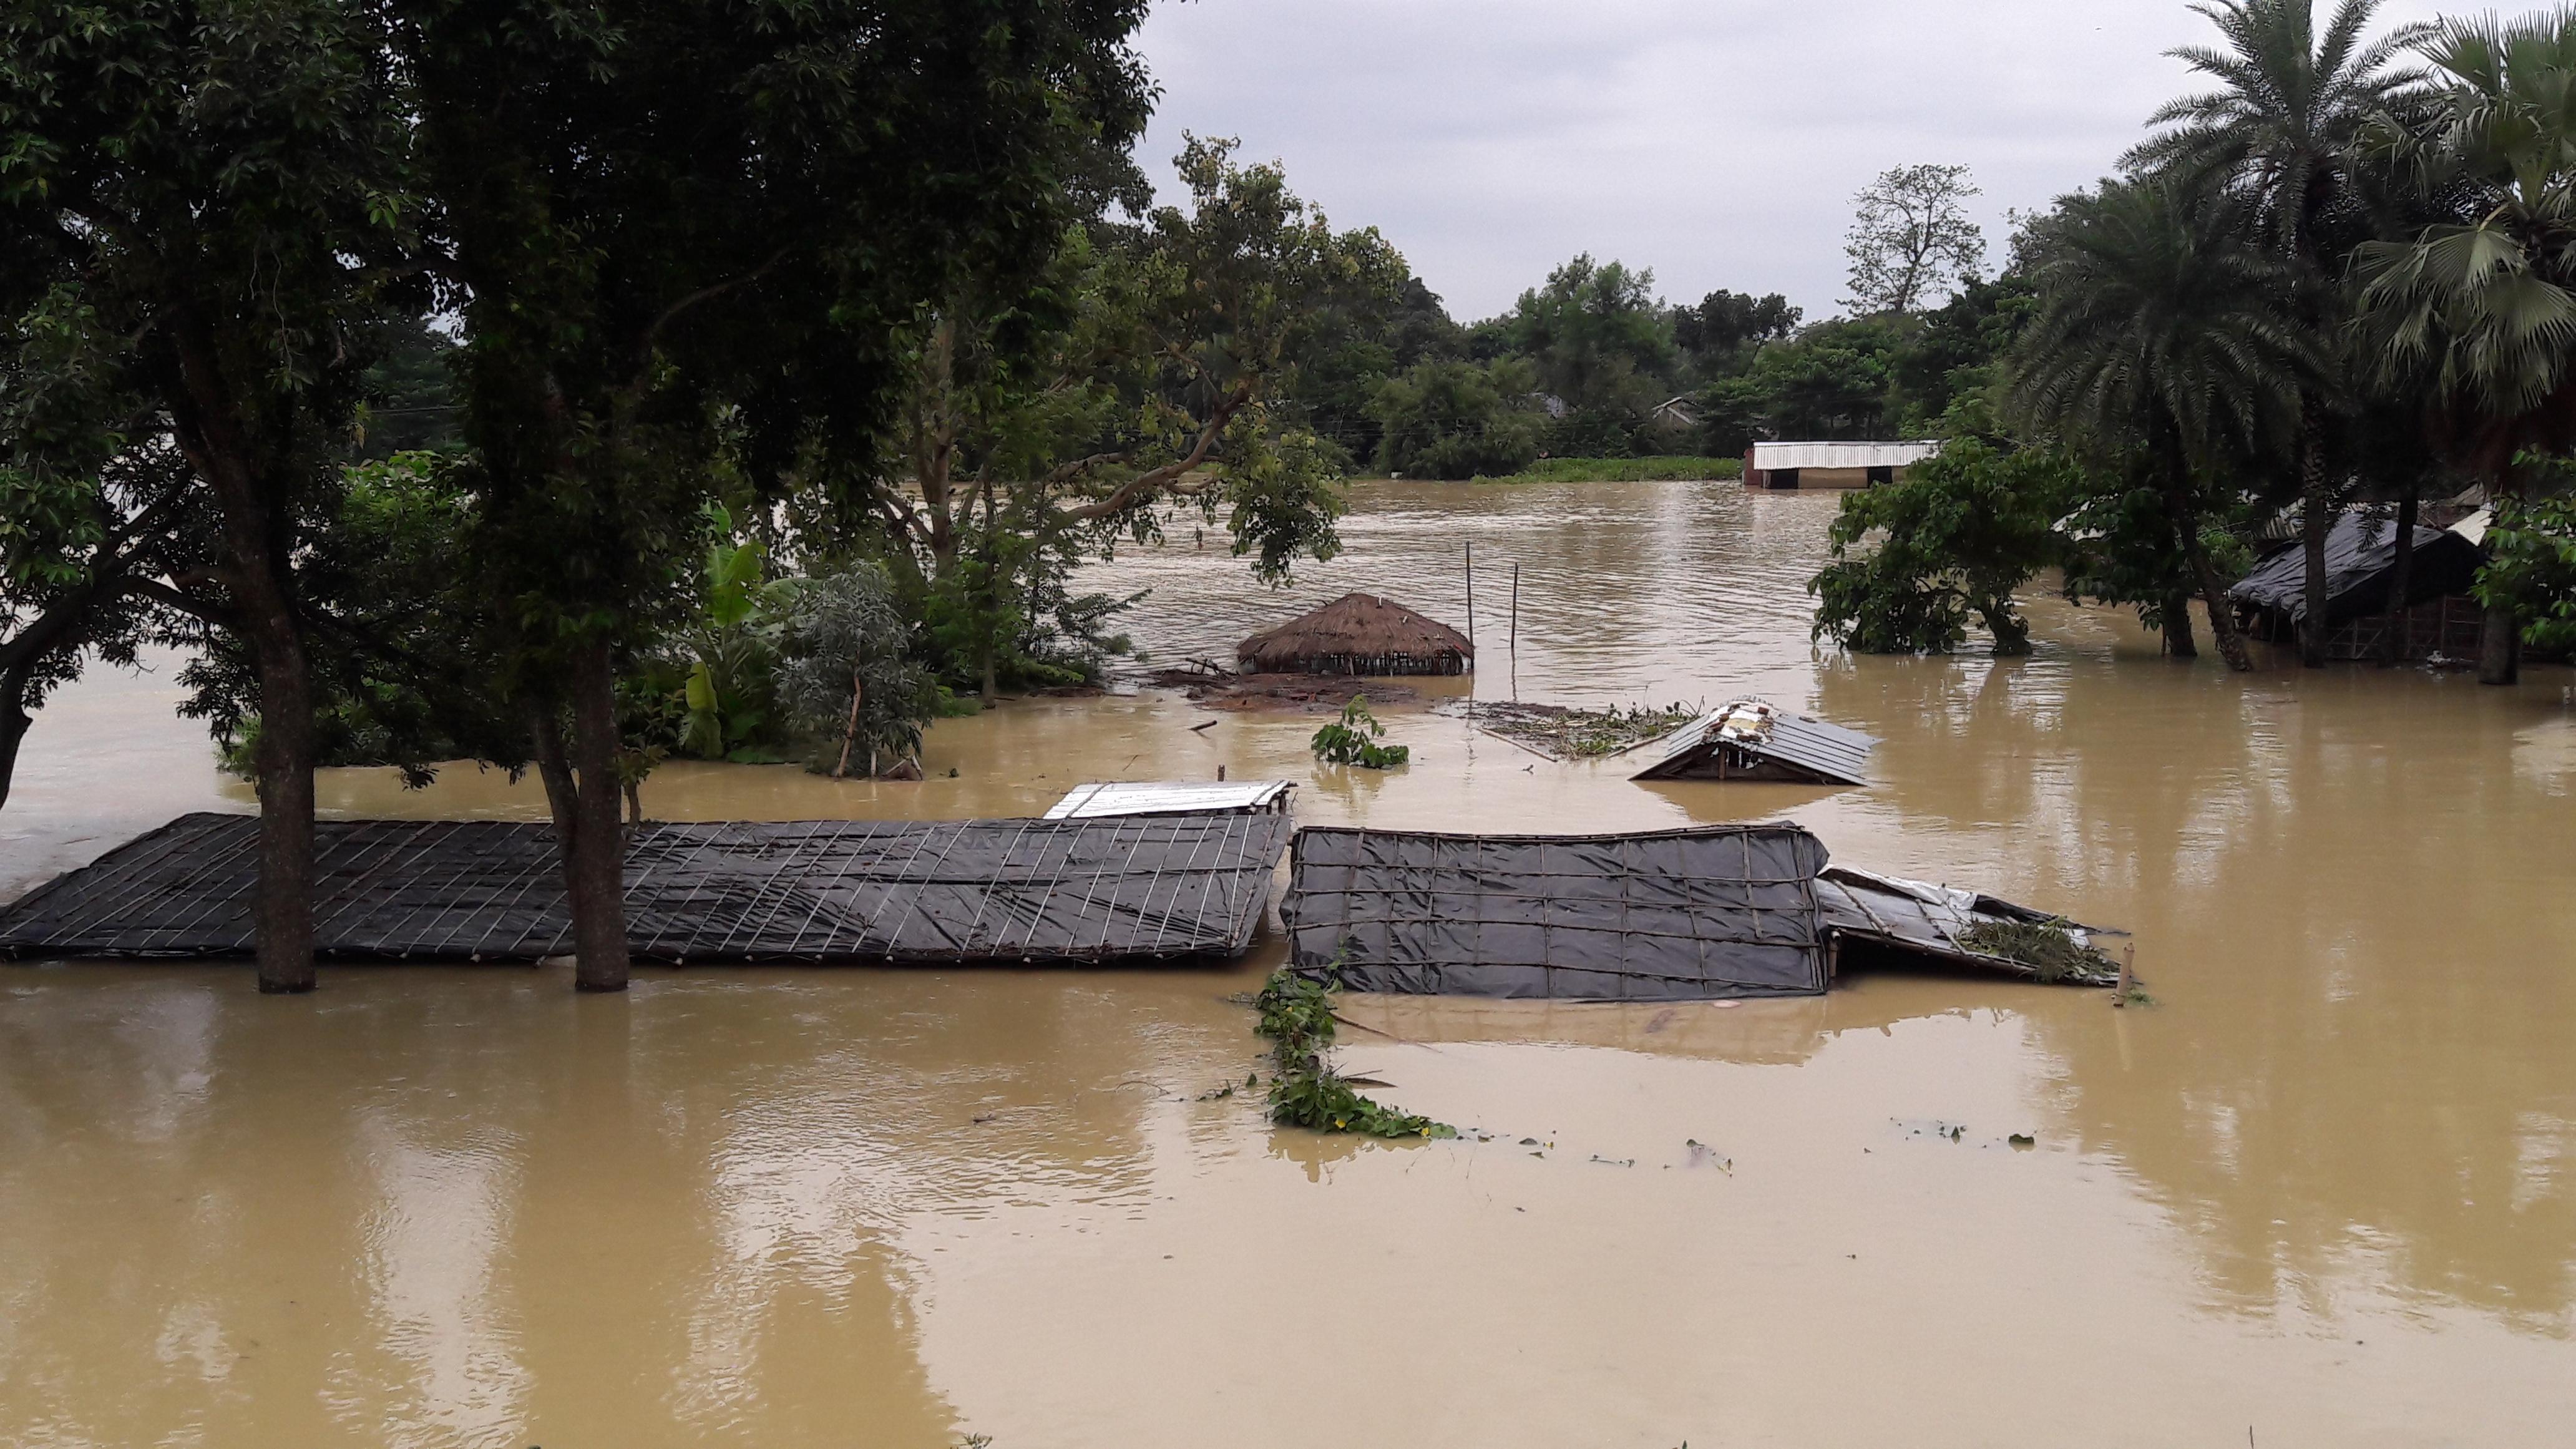 Alles, was die Familien besaßen, ist in den Fluten untergangen. (Quelle: Kindernothilfe-Partner)